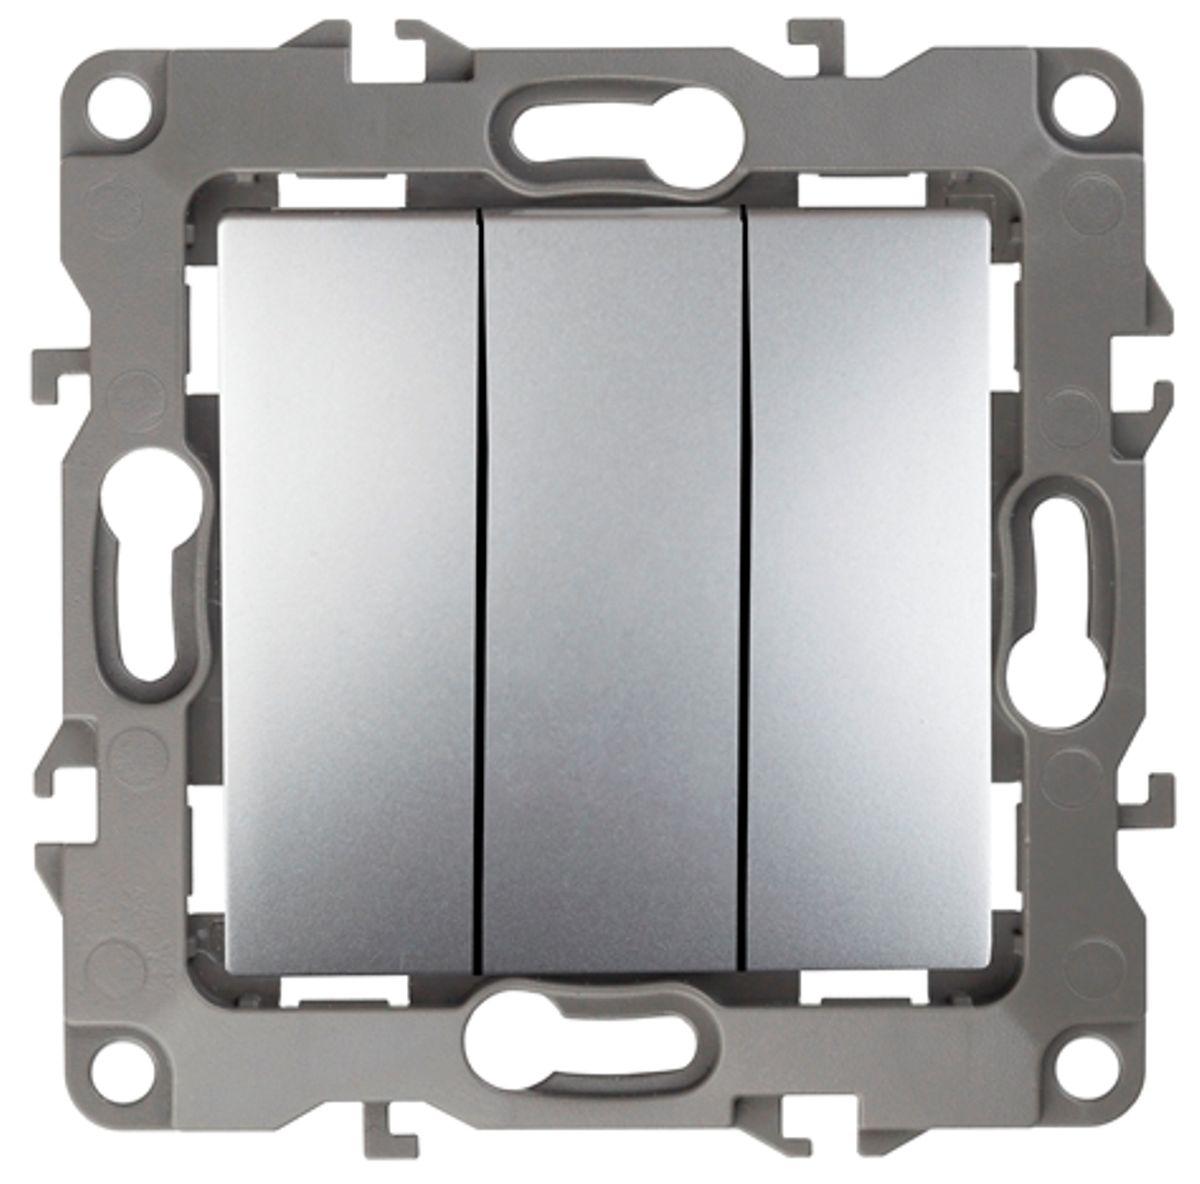 Выключатель ЭРА, тройной, цвет: серый. 12-110712-1107-03Тройной выключатель ЭРА выполнен из прочного пластика, контакты бронзовые. Изделие просто в установке, надежно в эксплуатации. Выключатель имеет специальные фиксаторы, которые не дают ему смещаться как при монтаже, так и в процессе эксплуатации. Автоматические зажимы кабеля обеспечивают быстрый и надежный монтаж изделия к электросети без отвертки и не требуют обслуживания в отличие от винтовых зажимов.